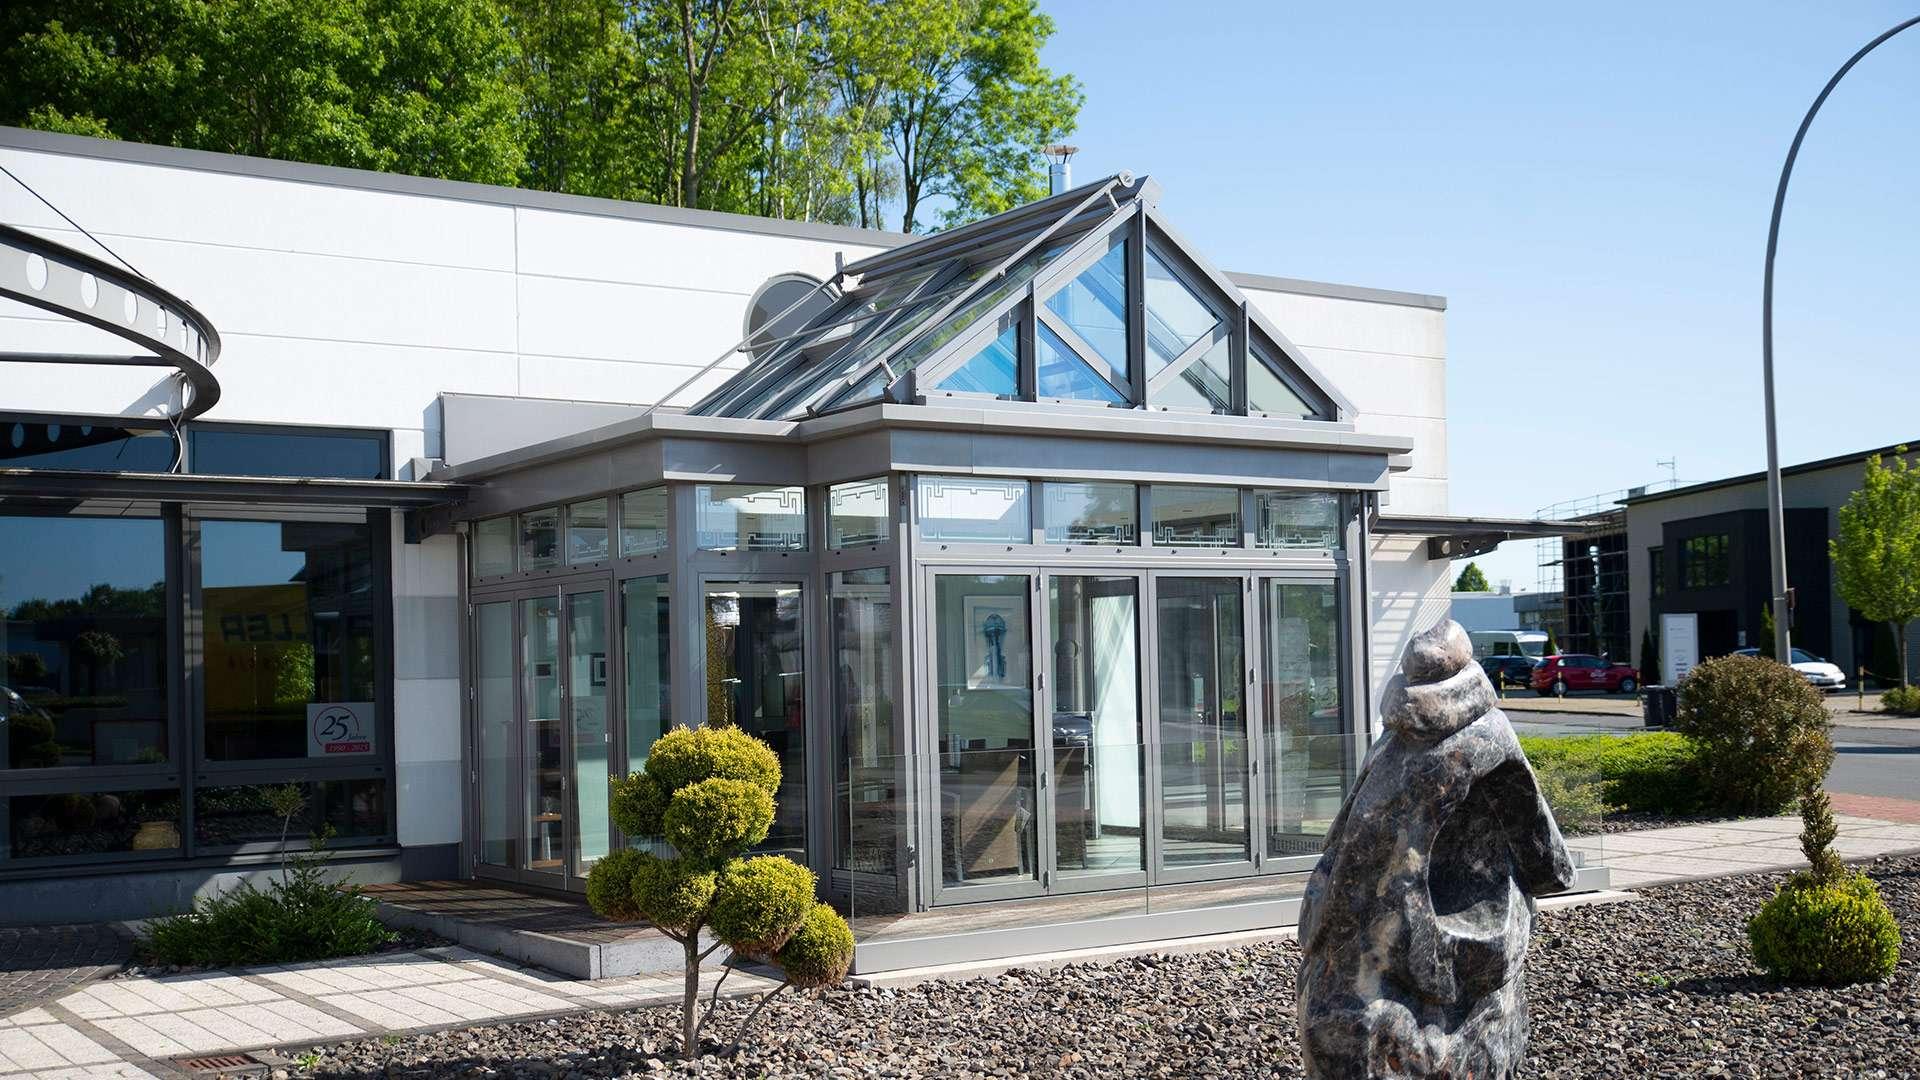 Wintergarten in der Außenausstellung von Linara Ahaus in Ahaus